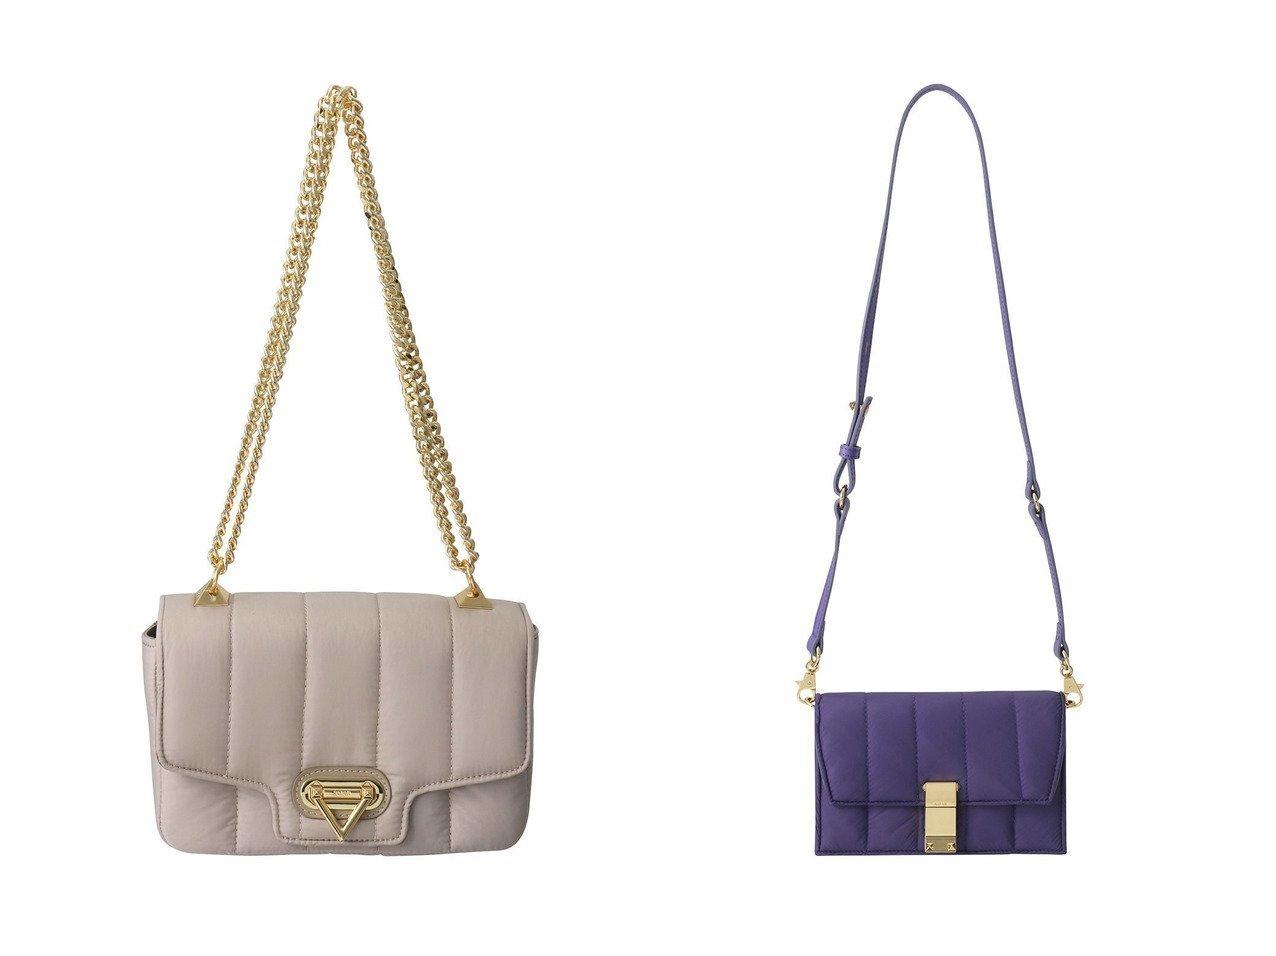 【STUNNING LURE/スタニングルアー】のFW21 NOMY&FW21 KIMG8O 【バッグ・鞄】おすすめ!人気、トレンド・レディースファッションの通販 おすすめで人気の流行・トレンド、ファッションの通販商品 インテリア・家具・メンズファッション・キッズファッション・レディースファッション・服の通販 founy(ファニー) https://founy.com/ ファッション Fashion レディースファッション WOMEN A/W・秋冬 AW・Autumn/Winter・FW・Fall-Winter キルティング スポーティ チェーン パーティ  ID:crp329100000071425